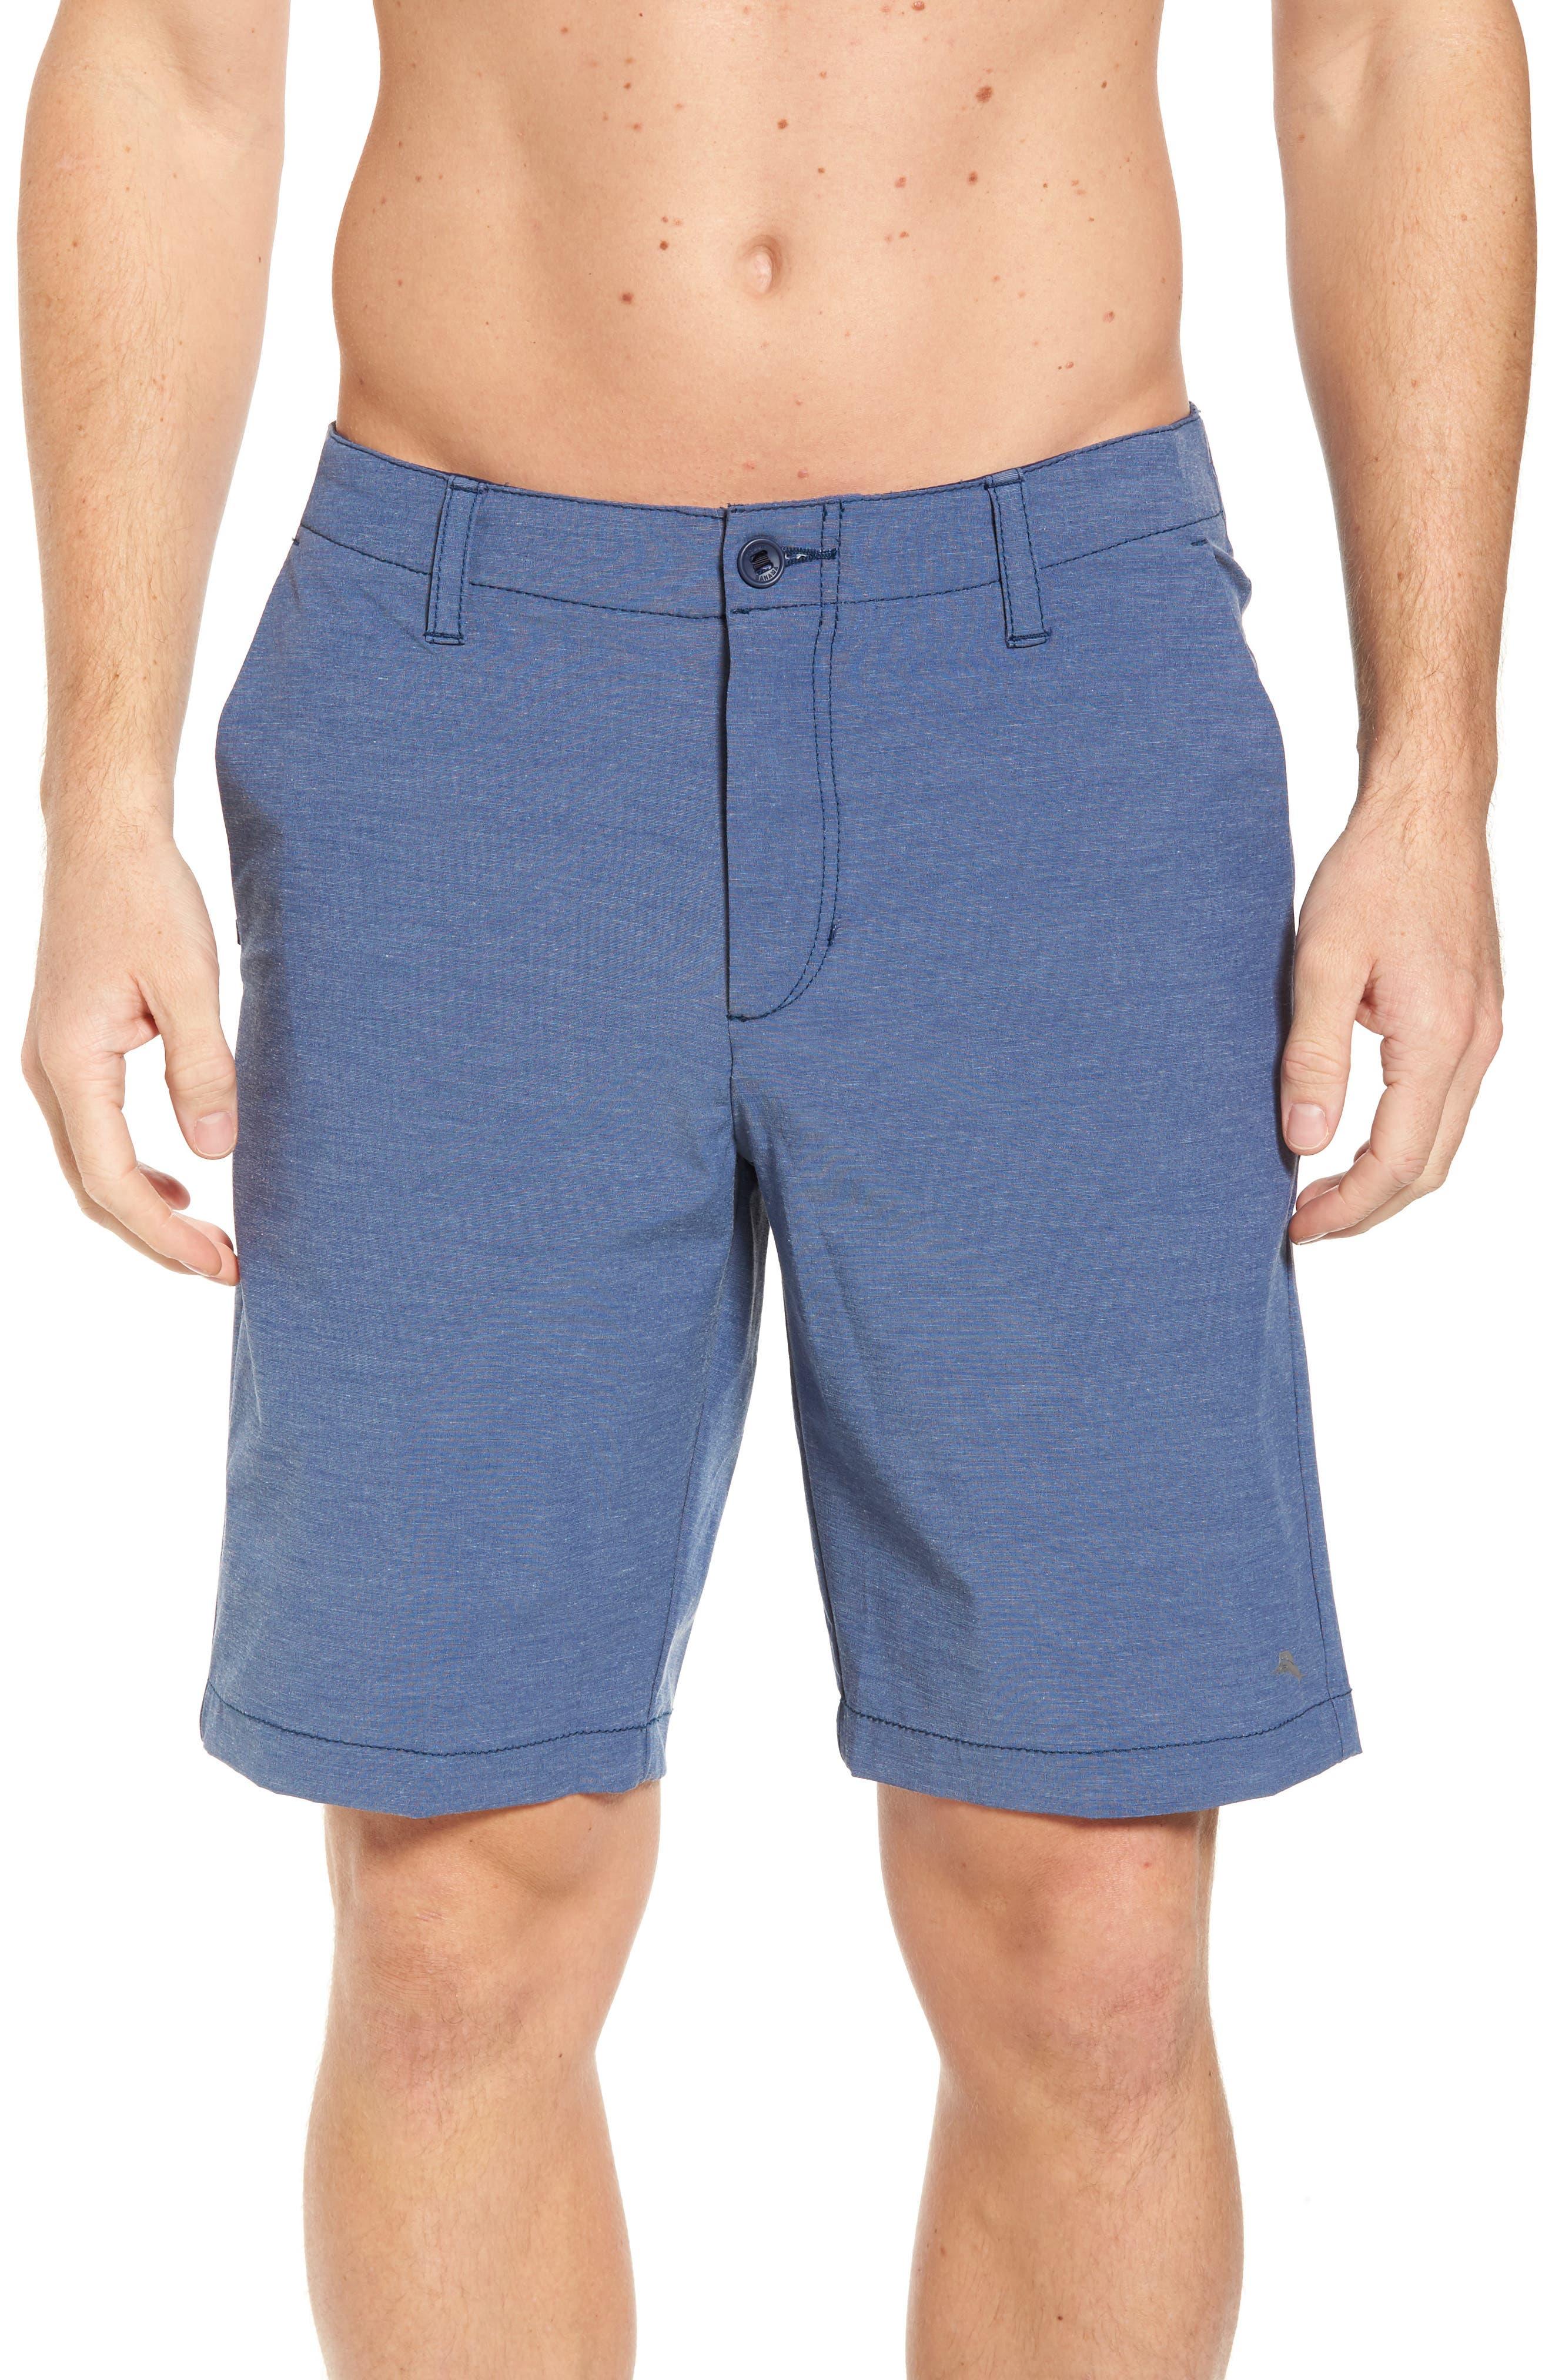 Chip & Run Shorts,                             Main thumbnail 1, color,                             400